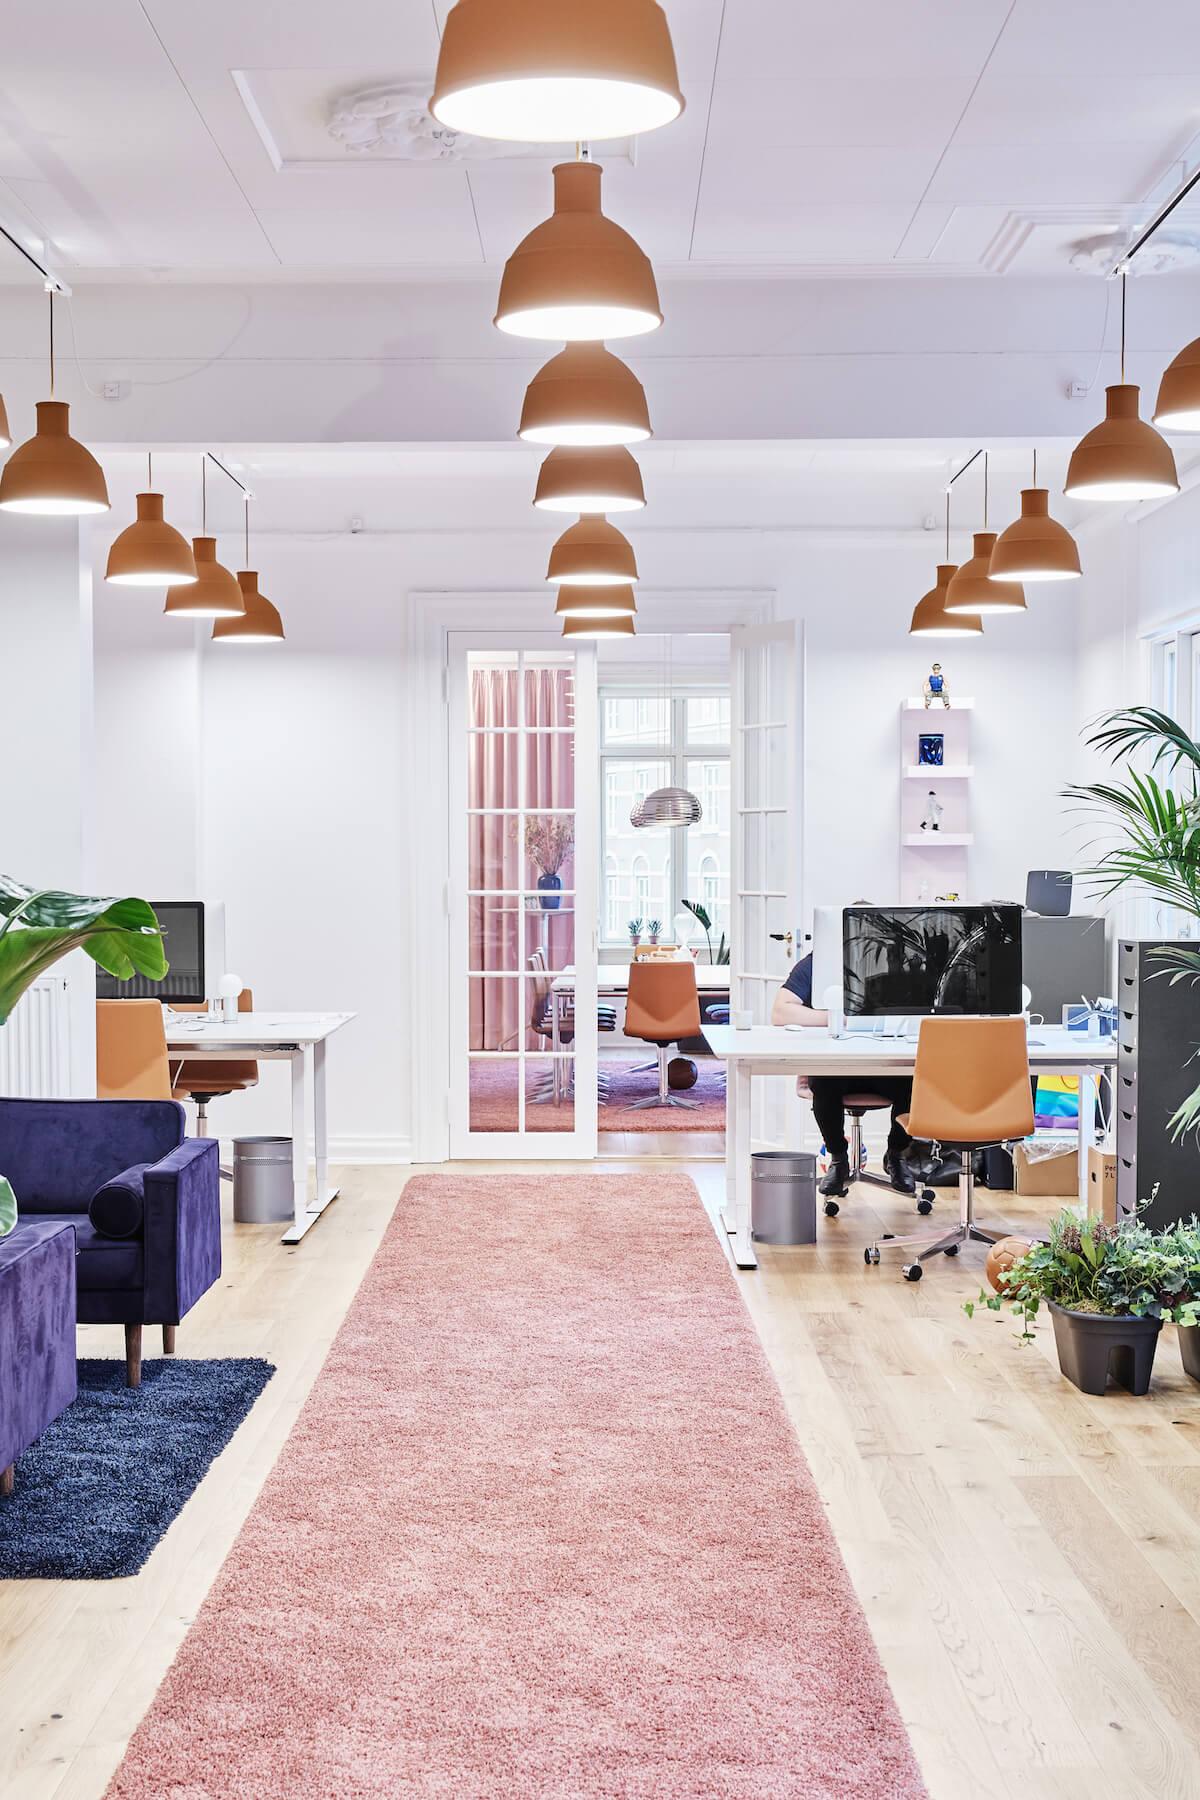 Four Design Kontorindretning Med Langt Gulvtæppe